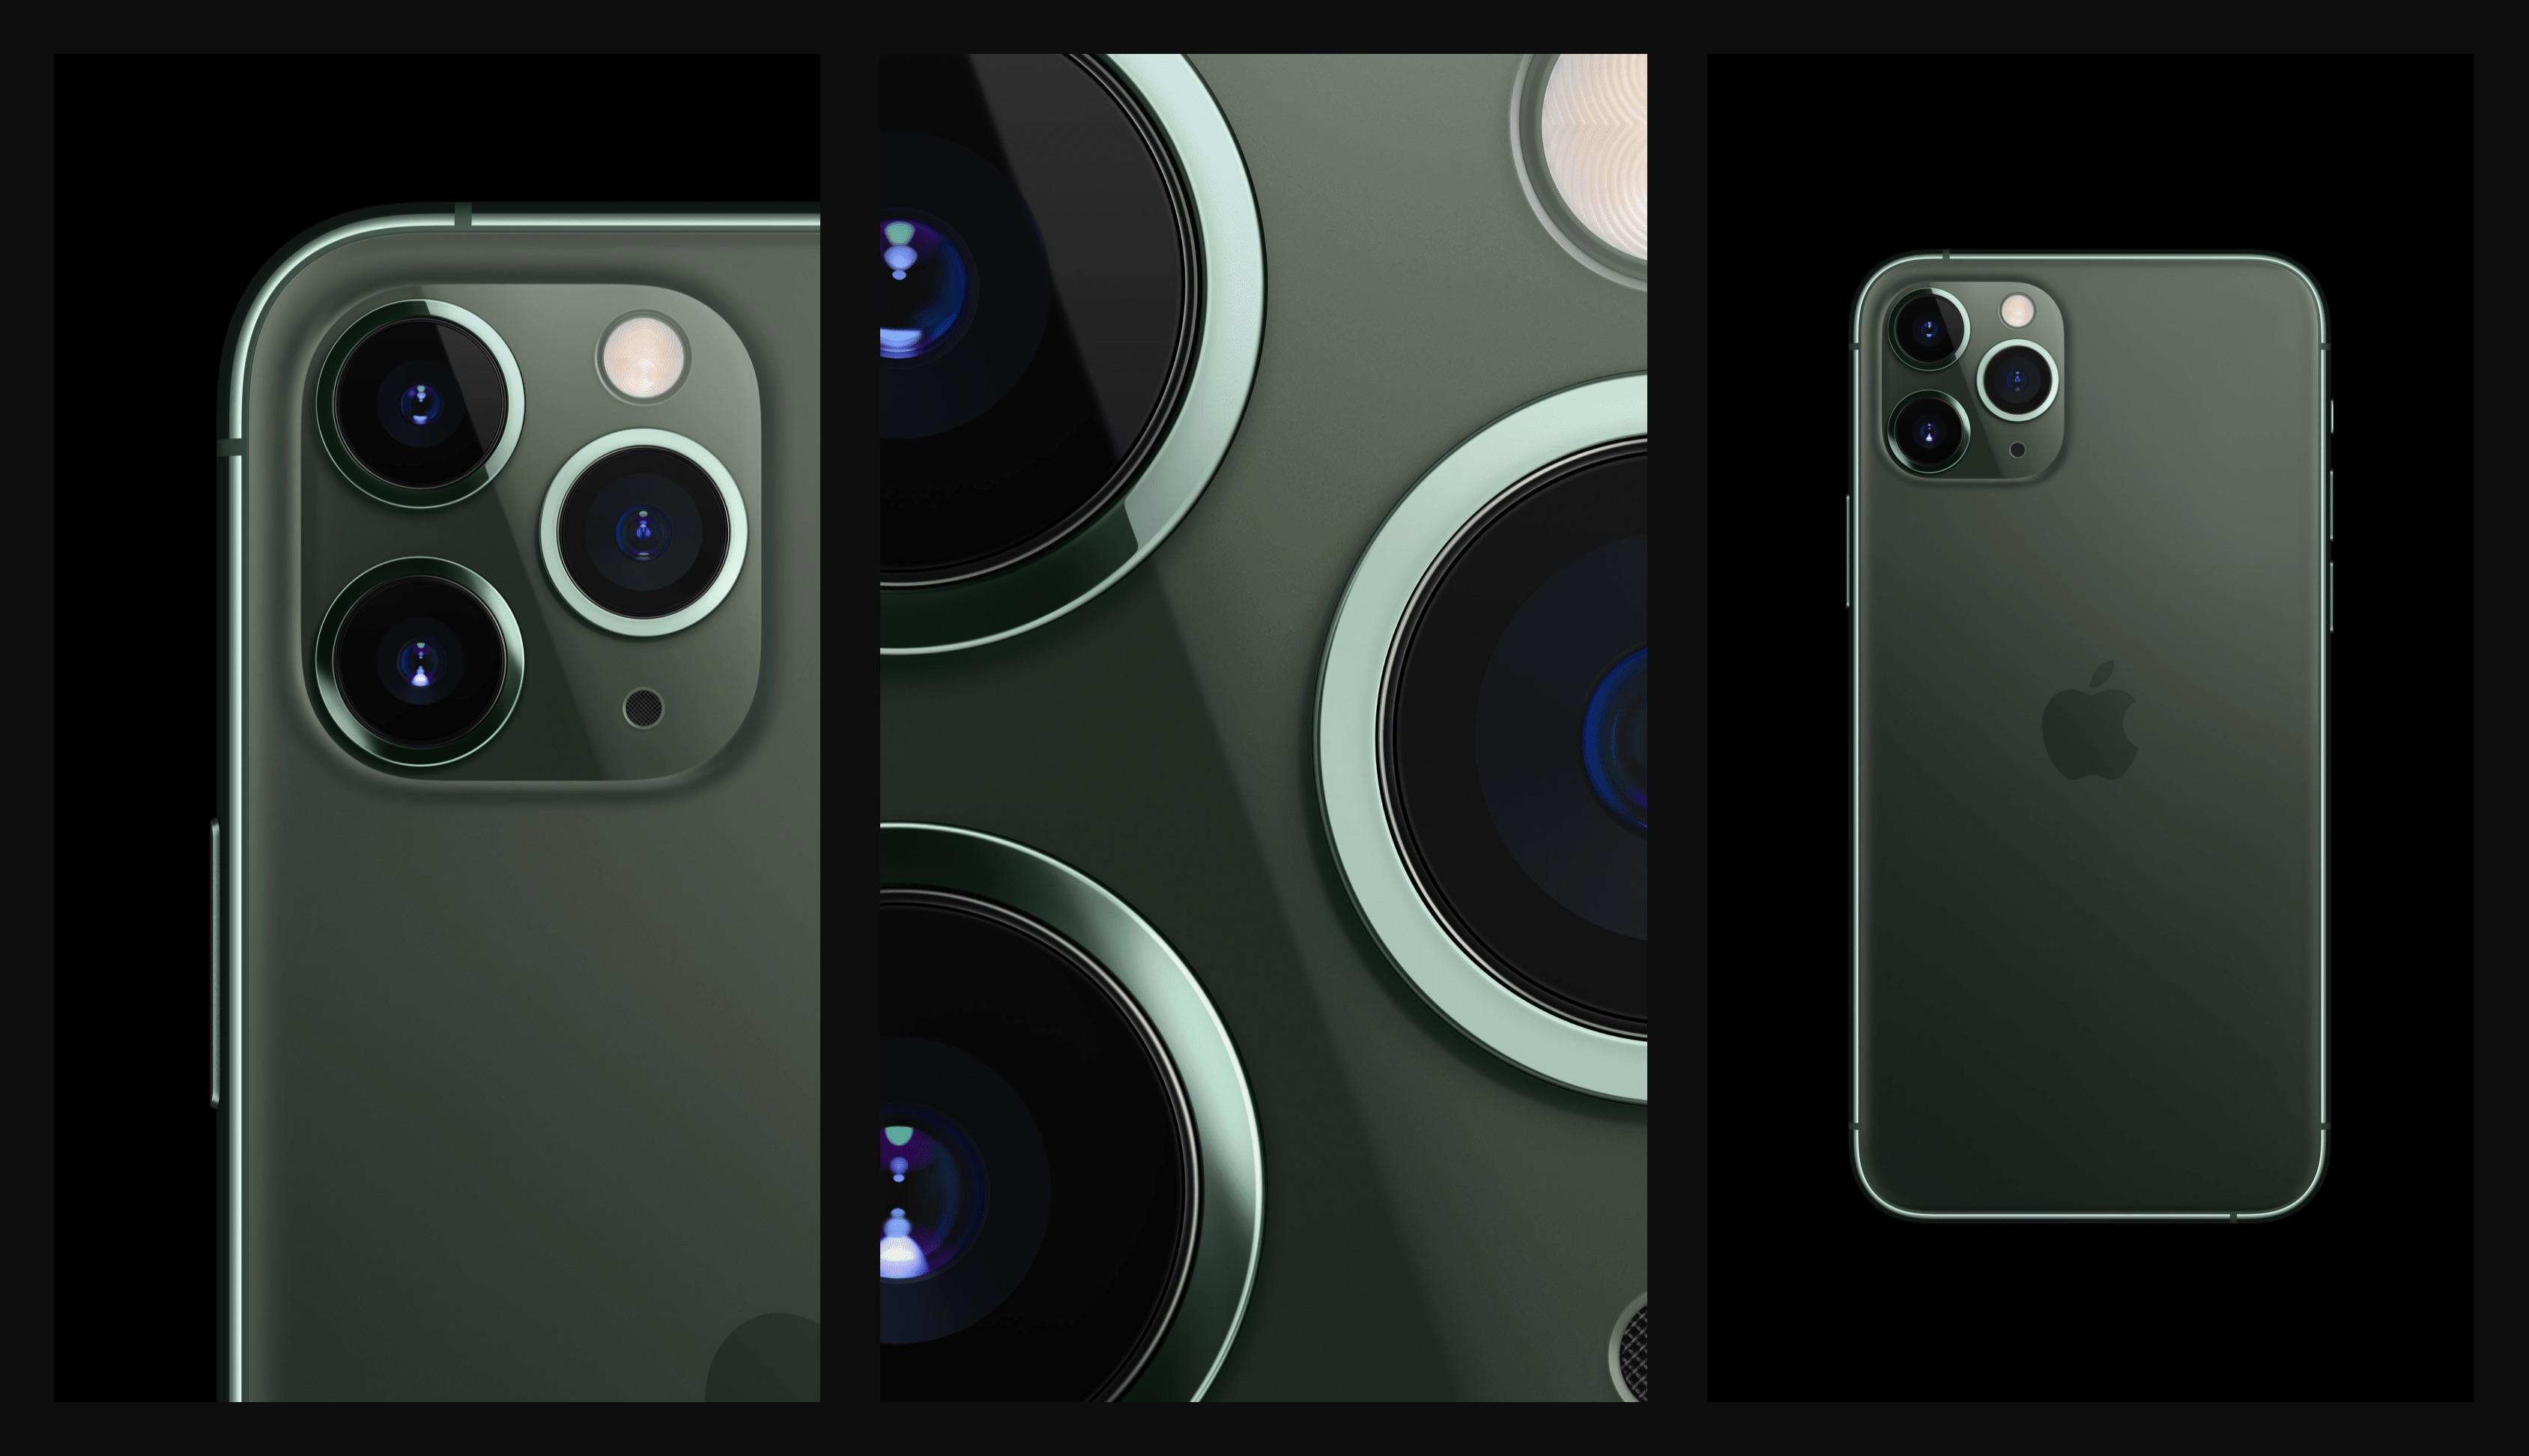 IPhone 11 Pro vs iPhone 11 Pro Max – dwa PROsiaki. Którego wybrać? Są jakieś znaczące różnice między nimi?